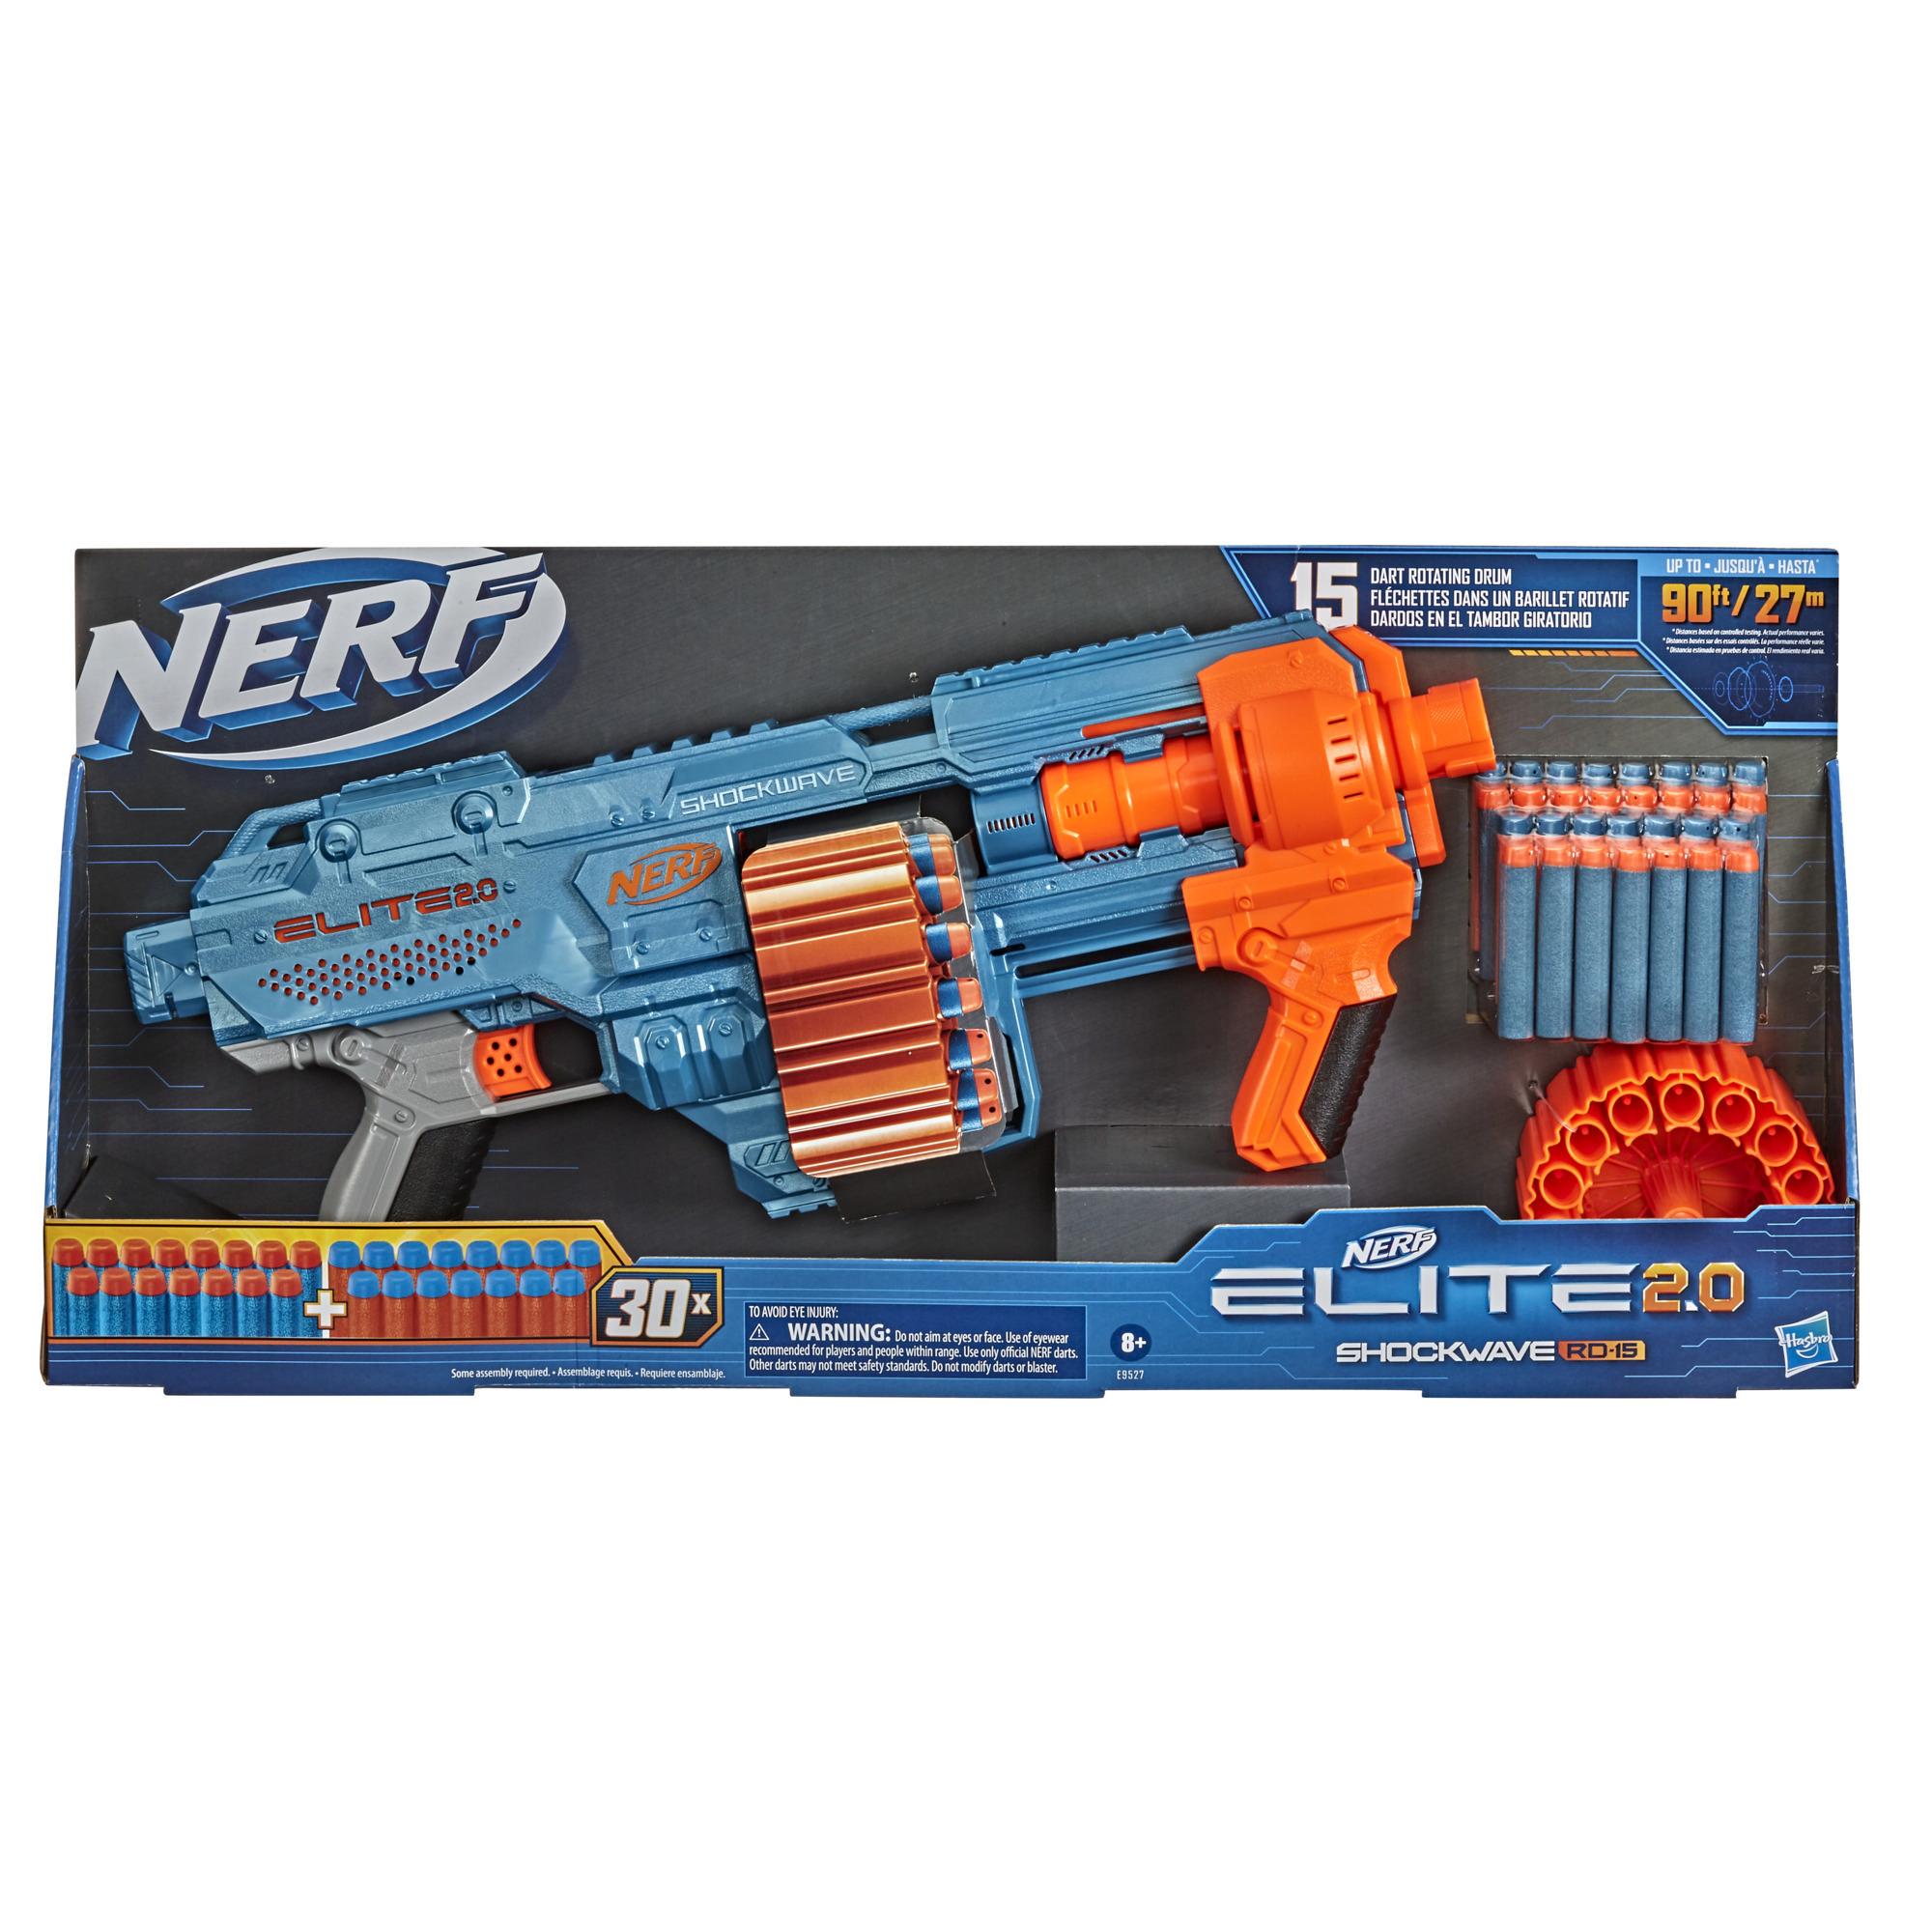 Nerf Elite2.0 Shockwave RD-15 Blaster, 30šipek Nerf, rotační zásobník na 15šipek, rychlá palba, možnosti přizpůsobení